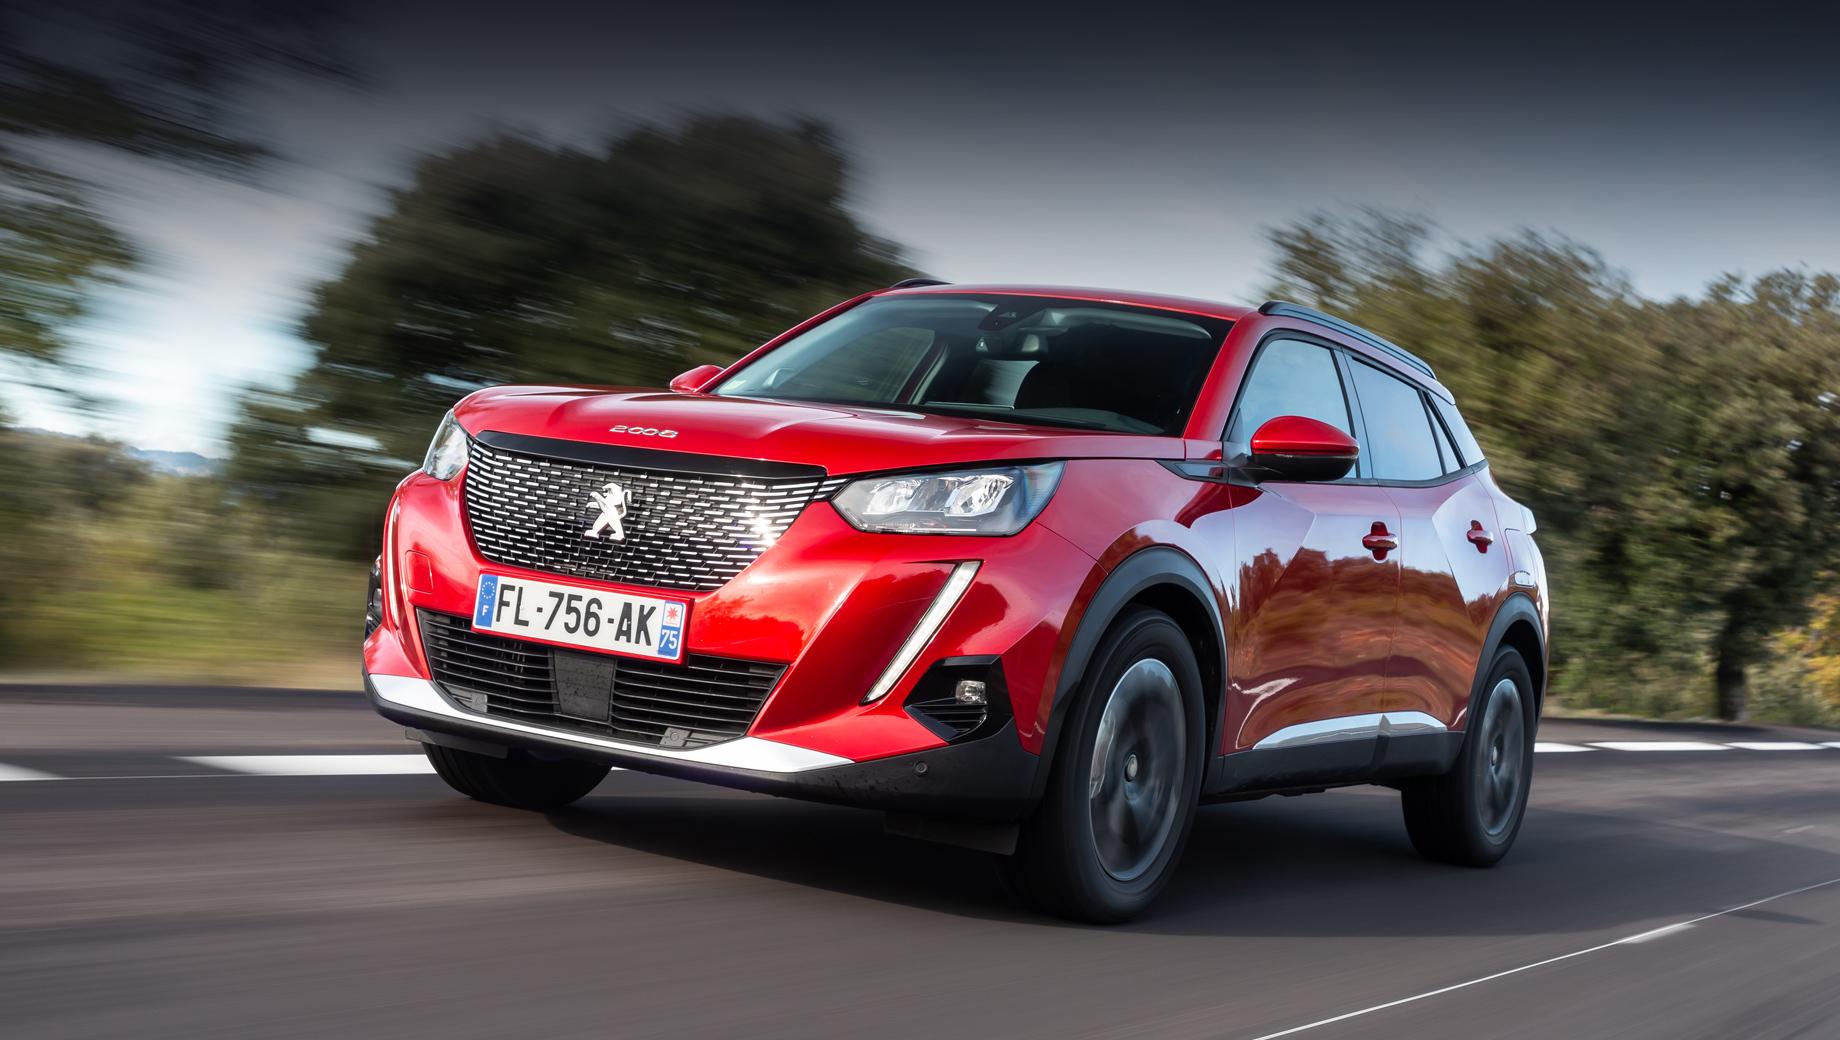 Peugeot 2008. При длине в 4,3 м новый 2008-й вплотную подобрался к компактному классу (а там уже чуть иные расценки), но всё же остаётся в категории субкомпактов, с которыми мы его и сравниваем. Приём заказов начат первого декабря.